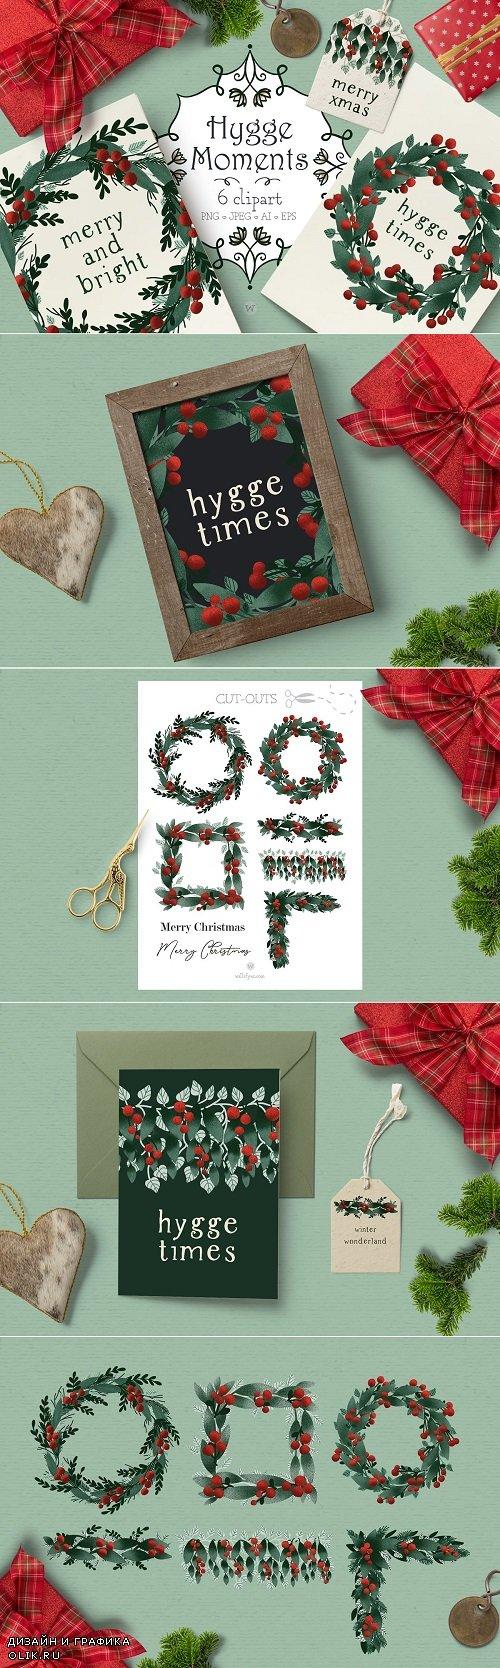 Christmas wreath clipart - 4278220